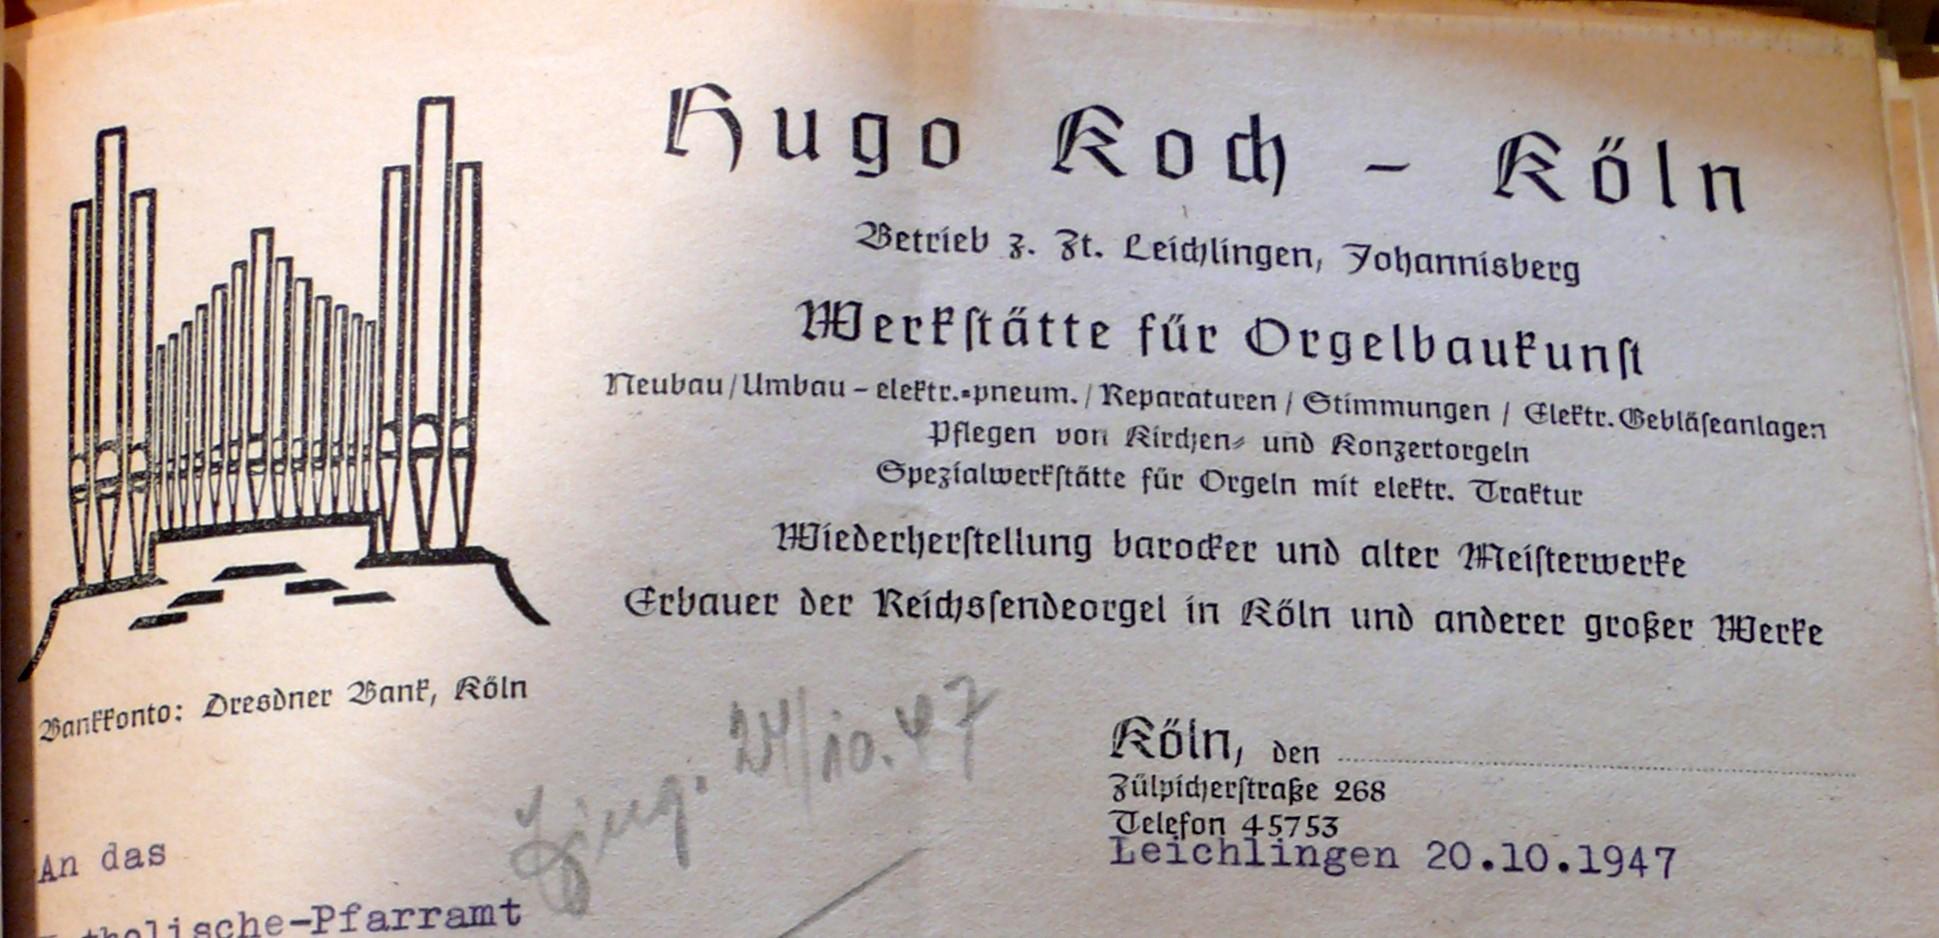 Forschungen: Der Orgelbauer Hugo Koch